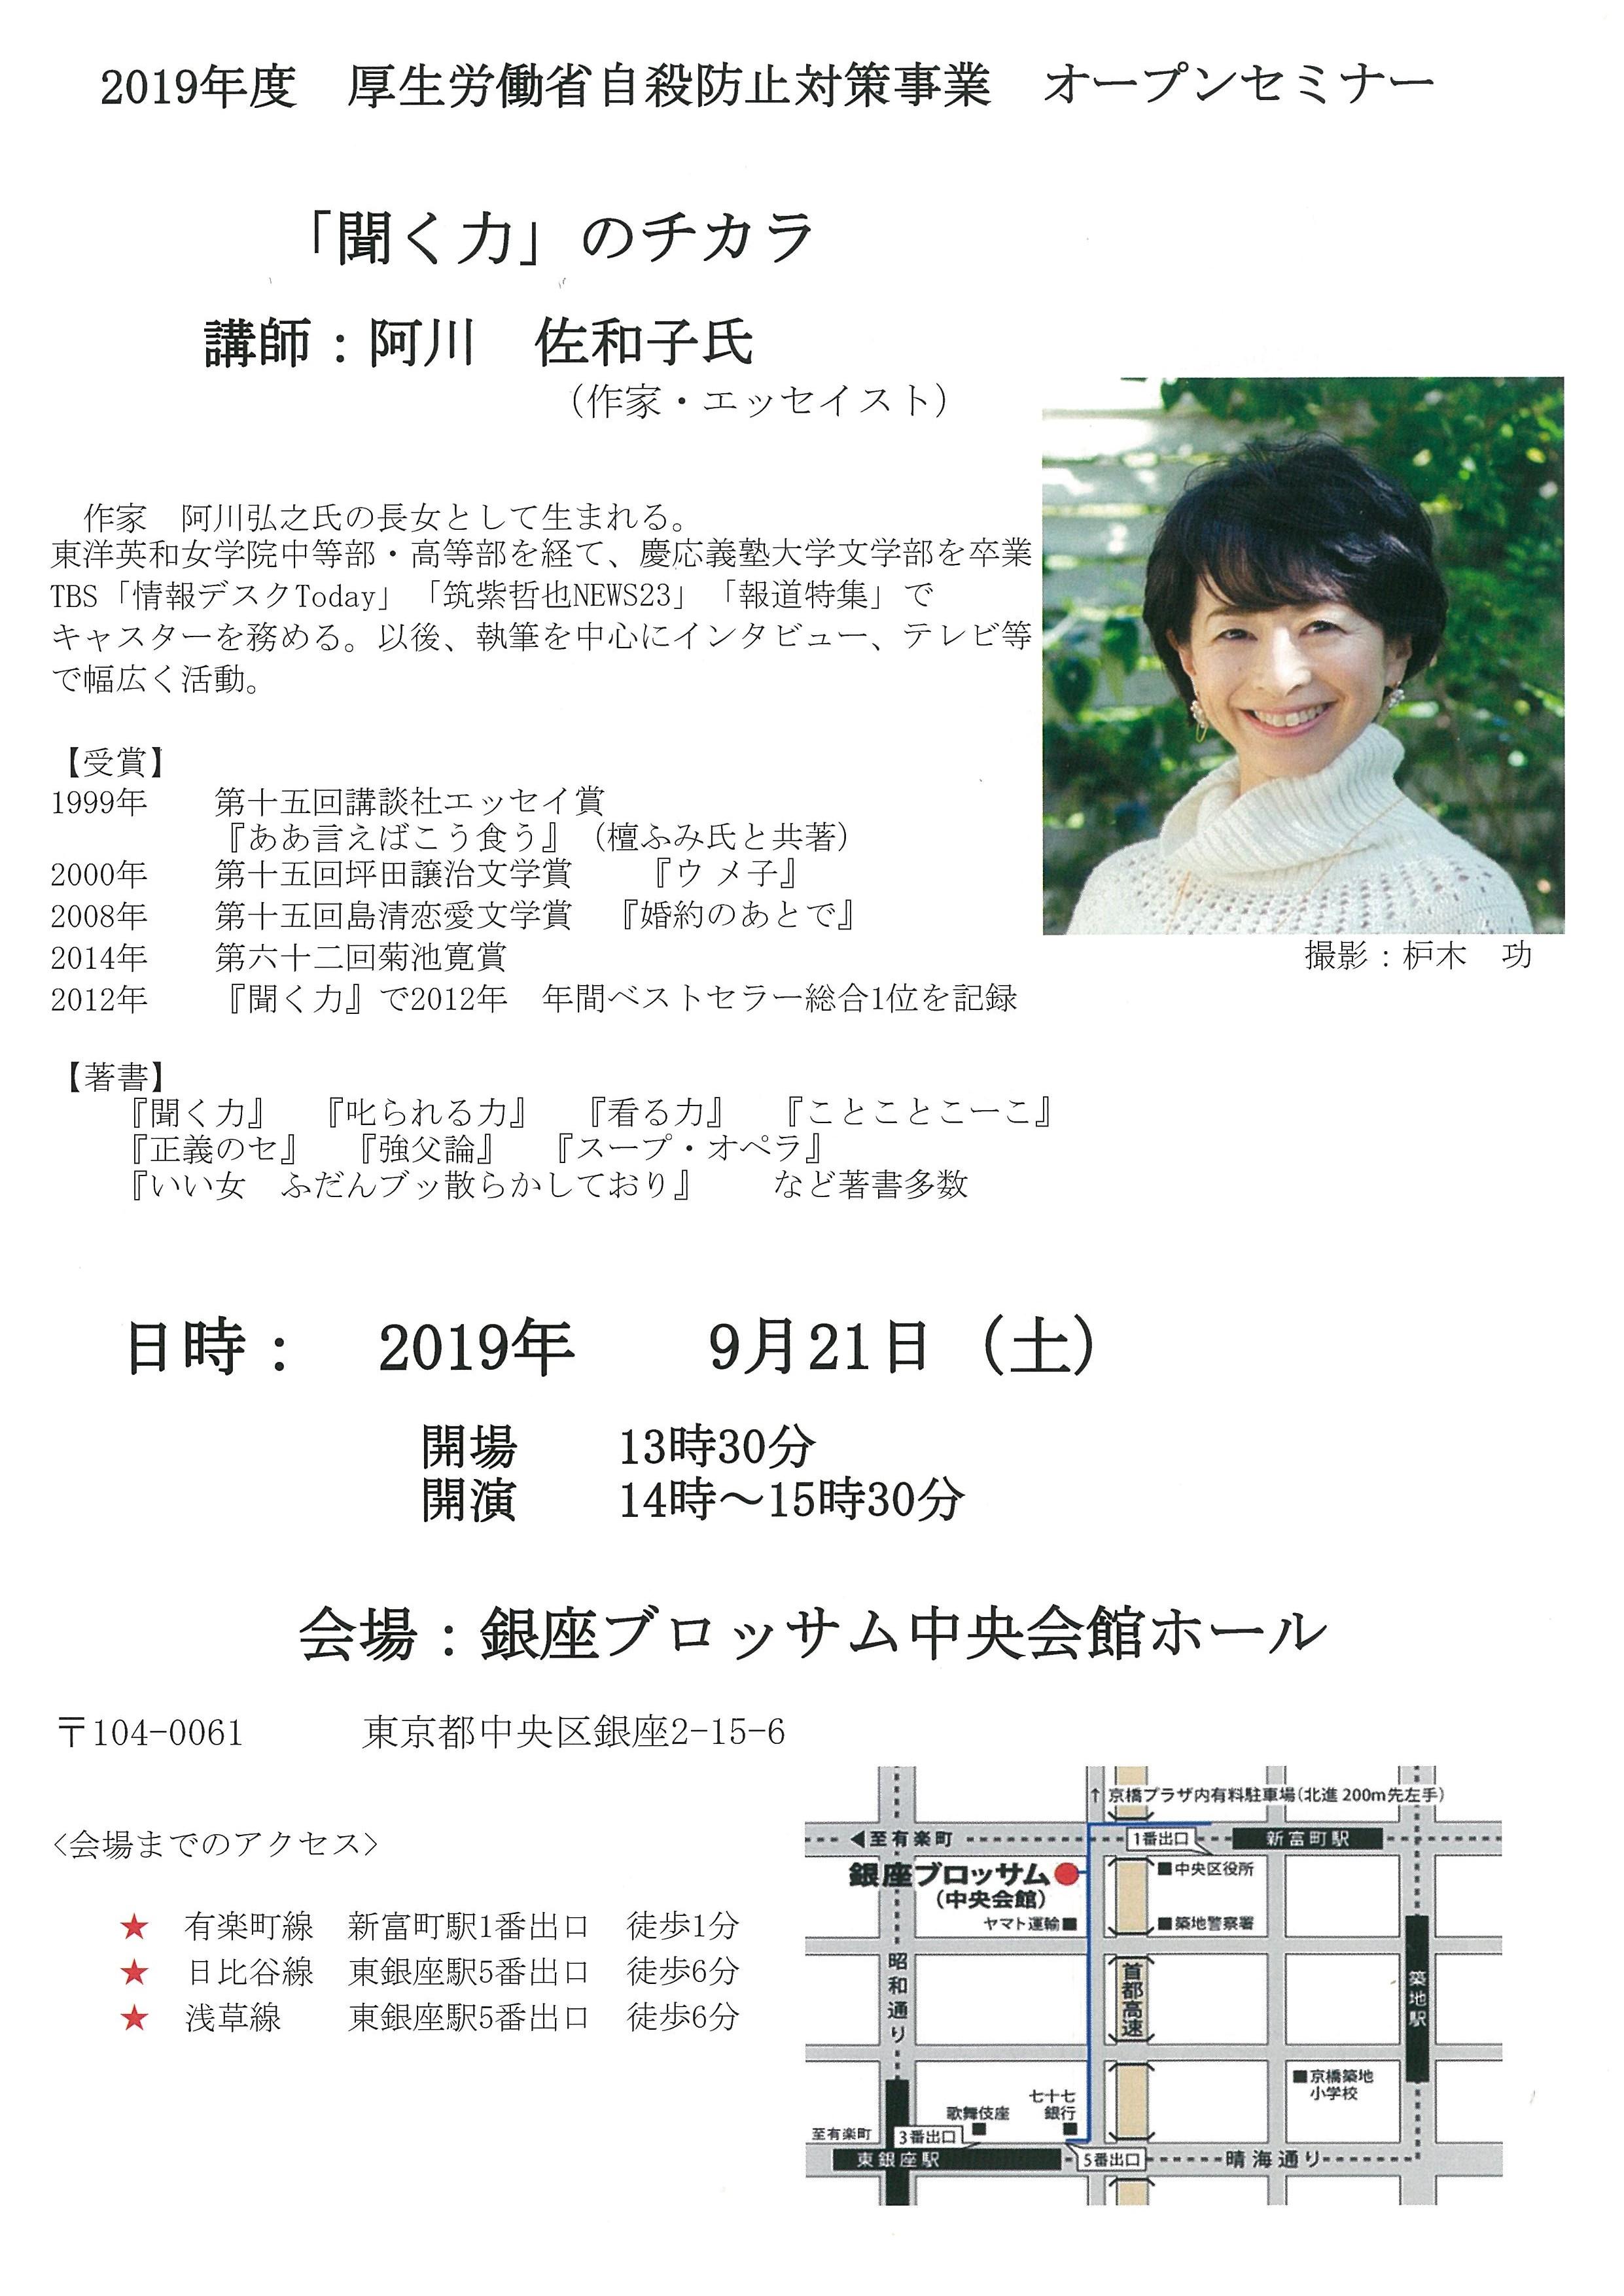 社会福祉法人 いのちの電話  「聞く力」のチカラ 阿川佐和子氏 講演会